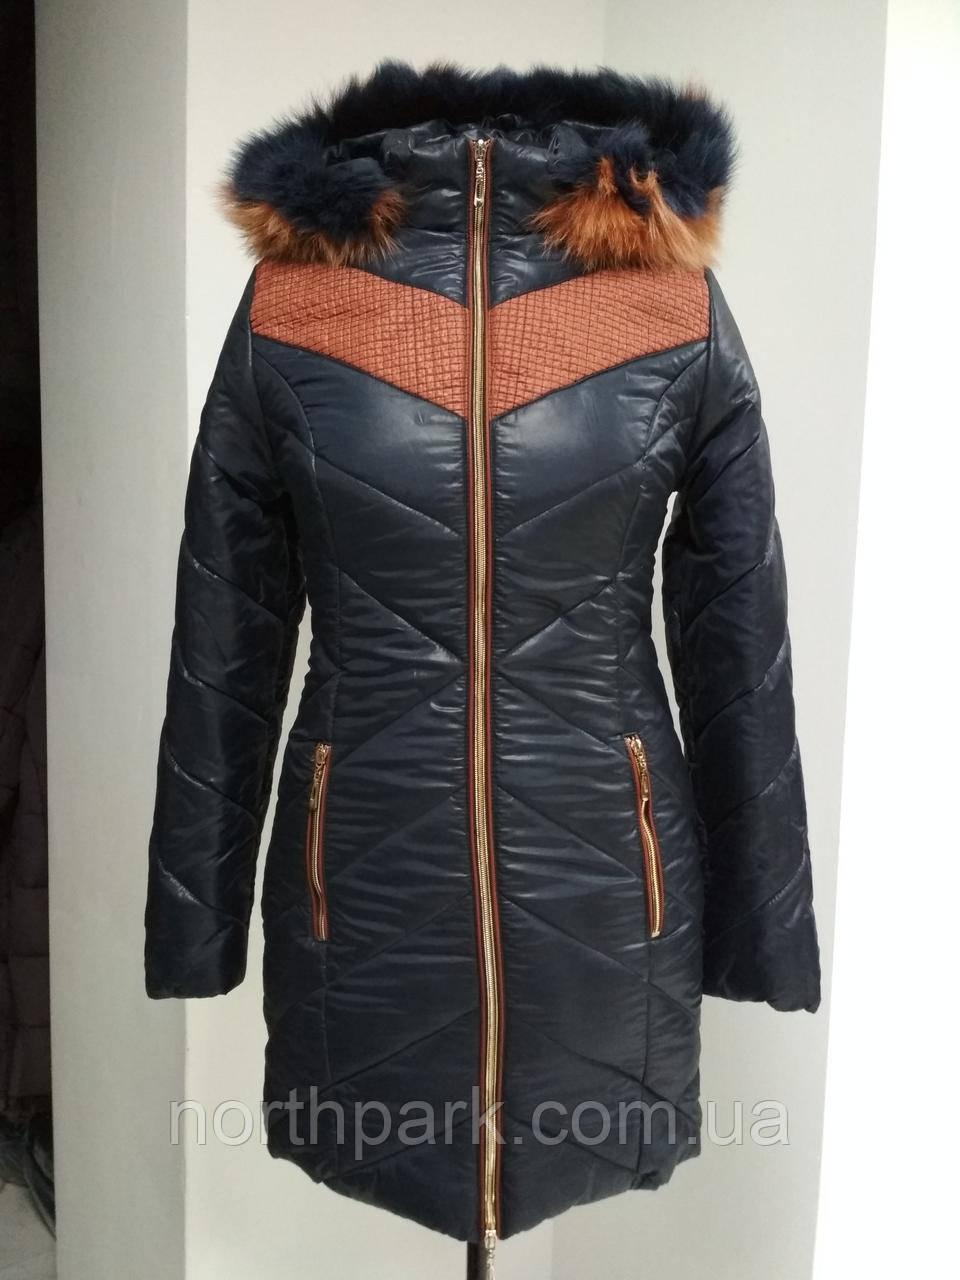 Зимняя длинная куртка Monterra с натуральным мехом, темно-синяя